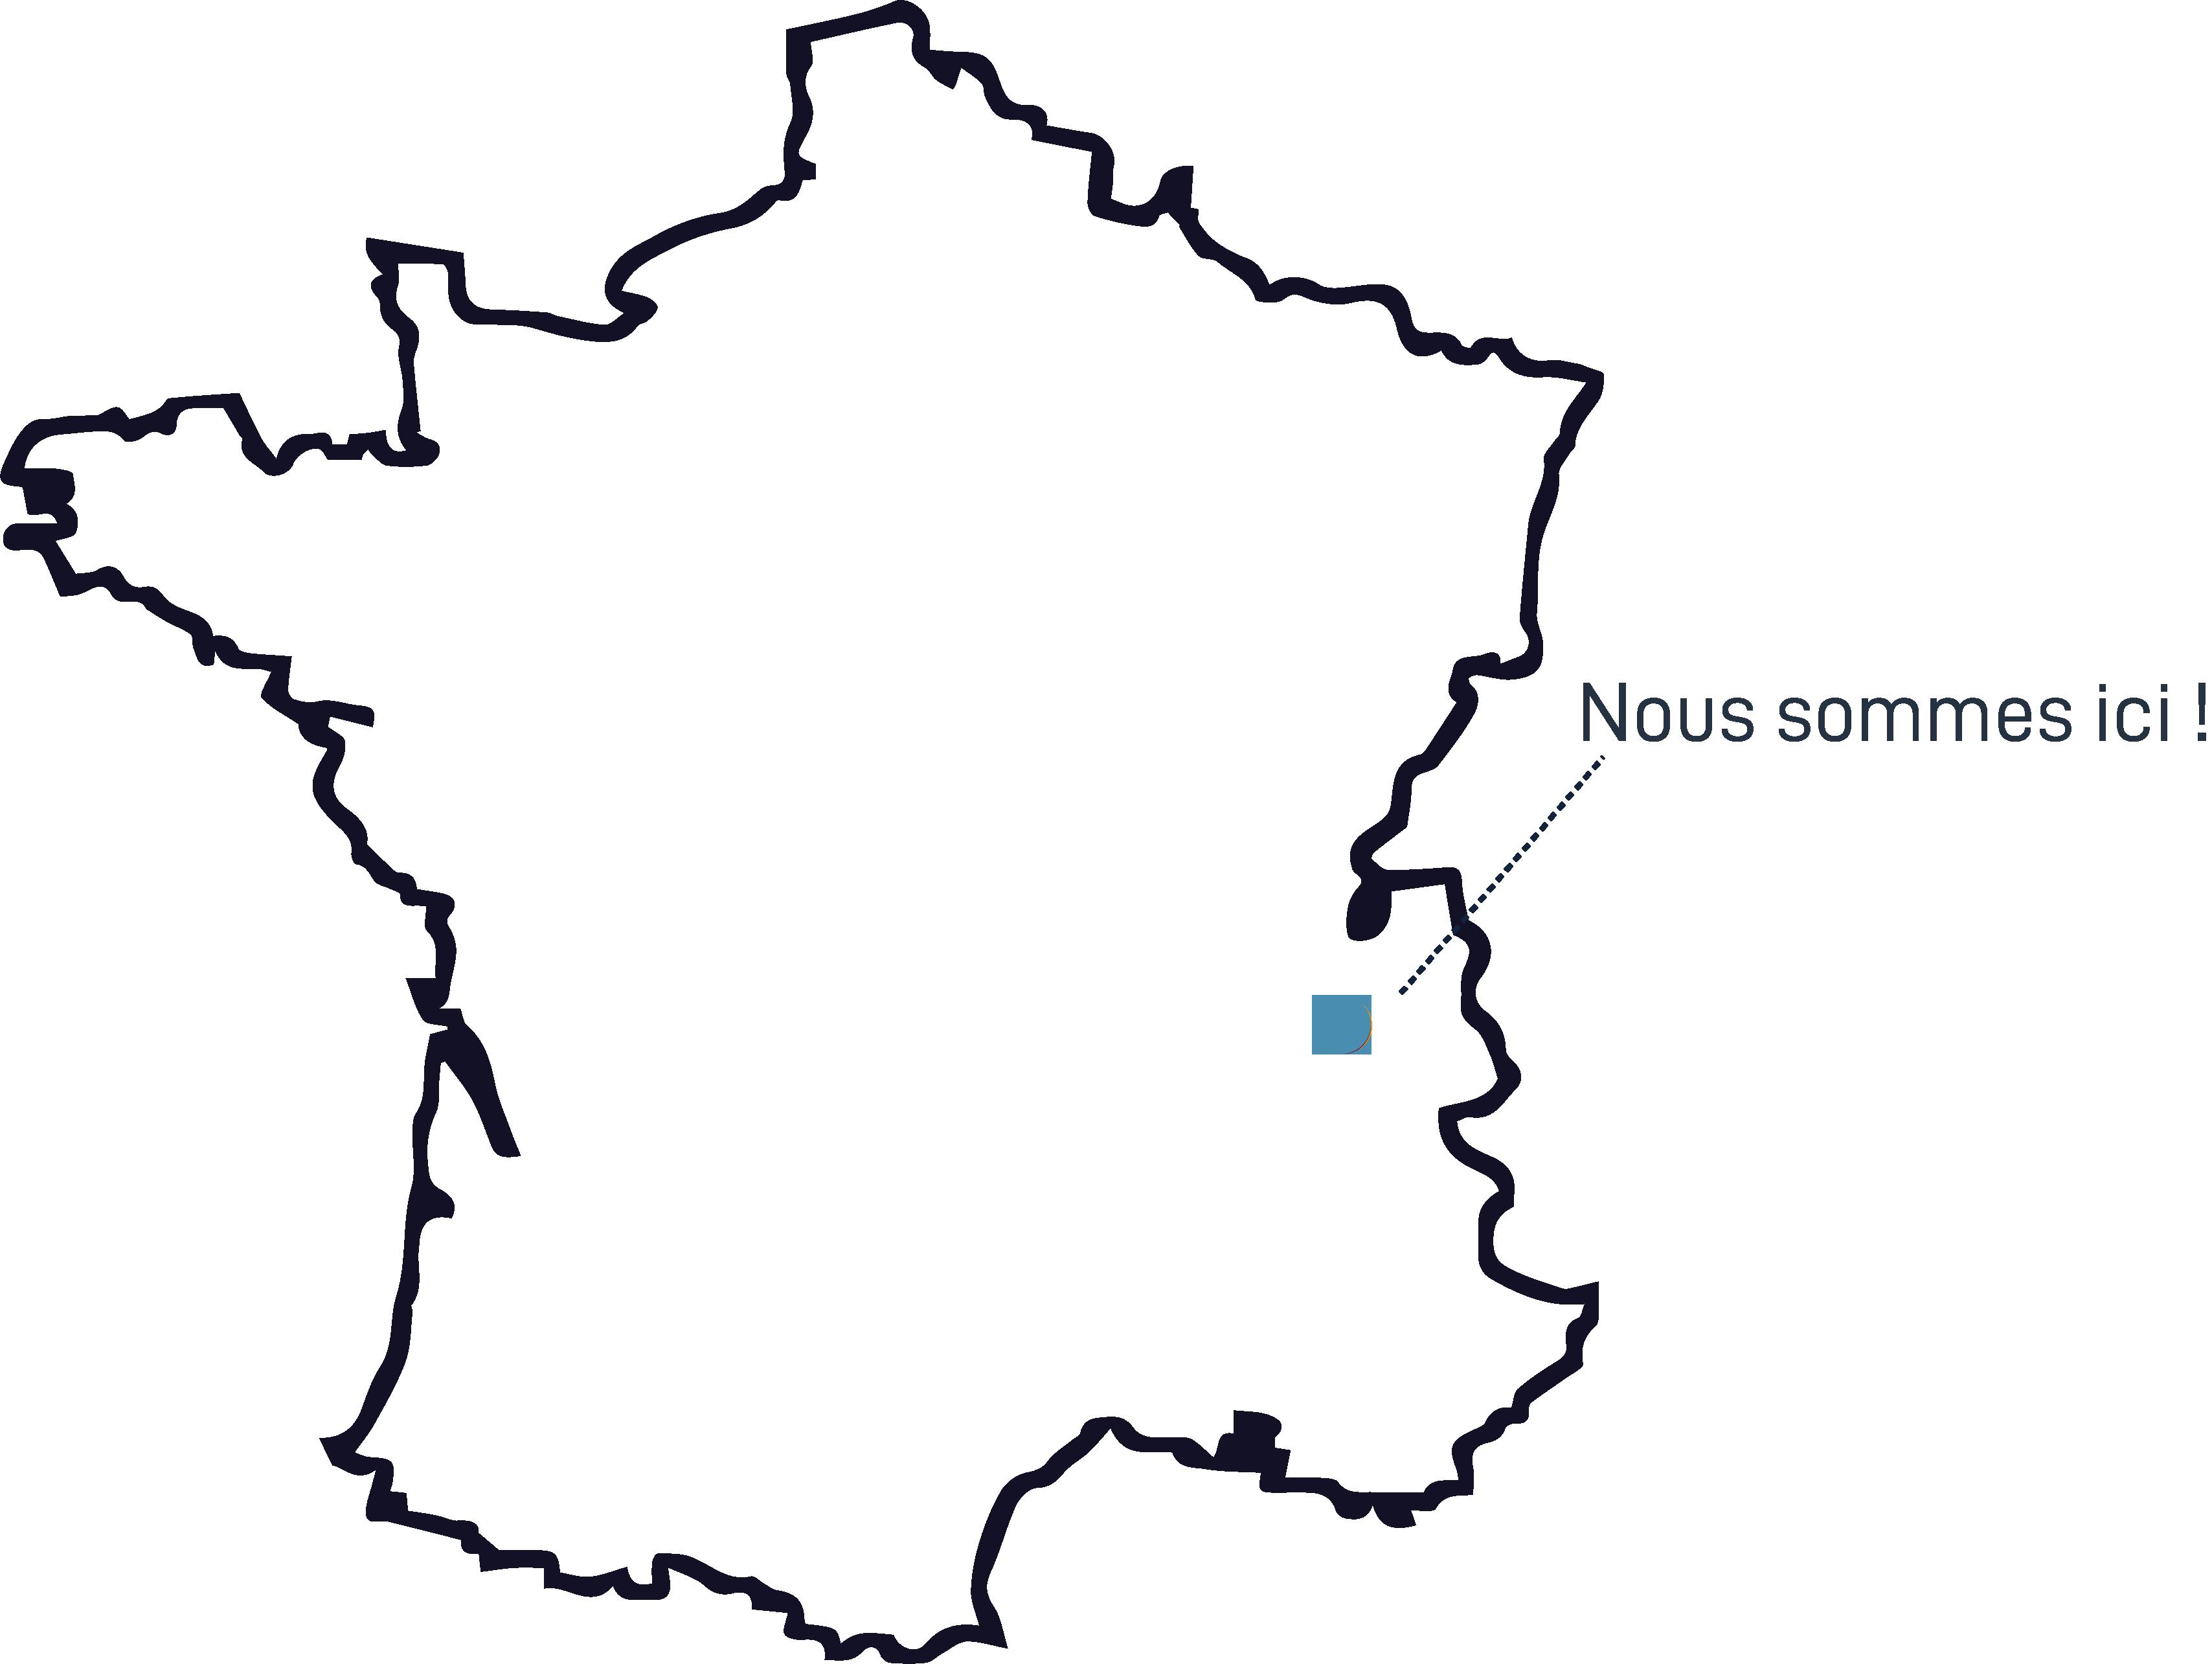 NC FACTORY - Où nous trouver ? Rhône-Alpes, France   Pont-de-Beauvoisin, Domessin   Savoie, Isère